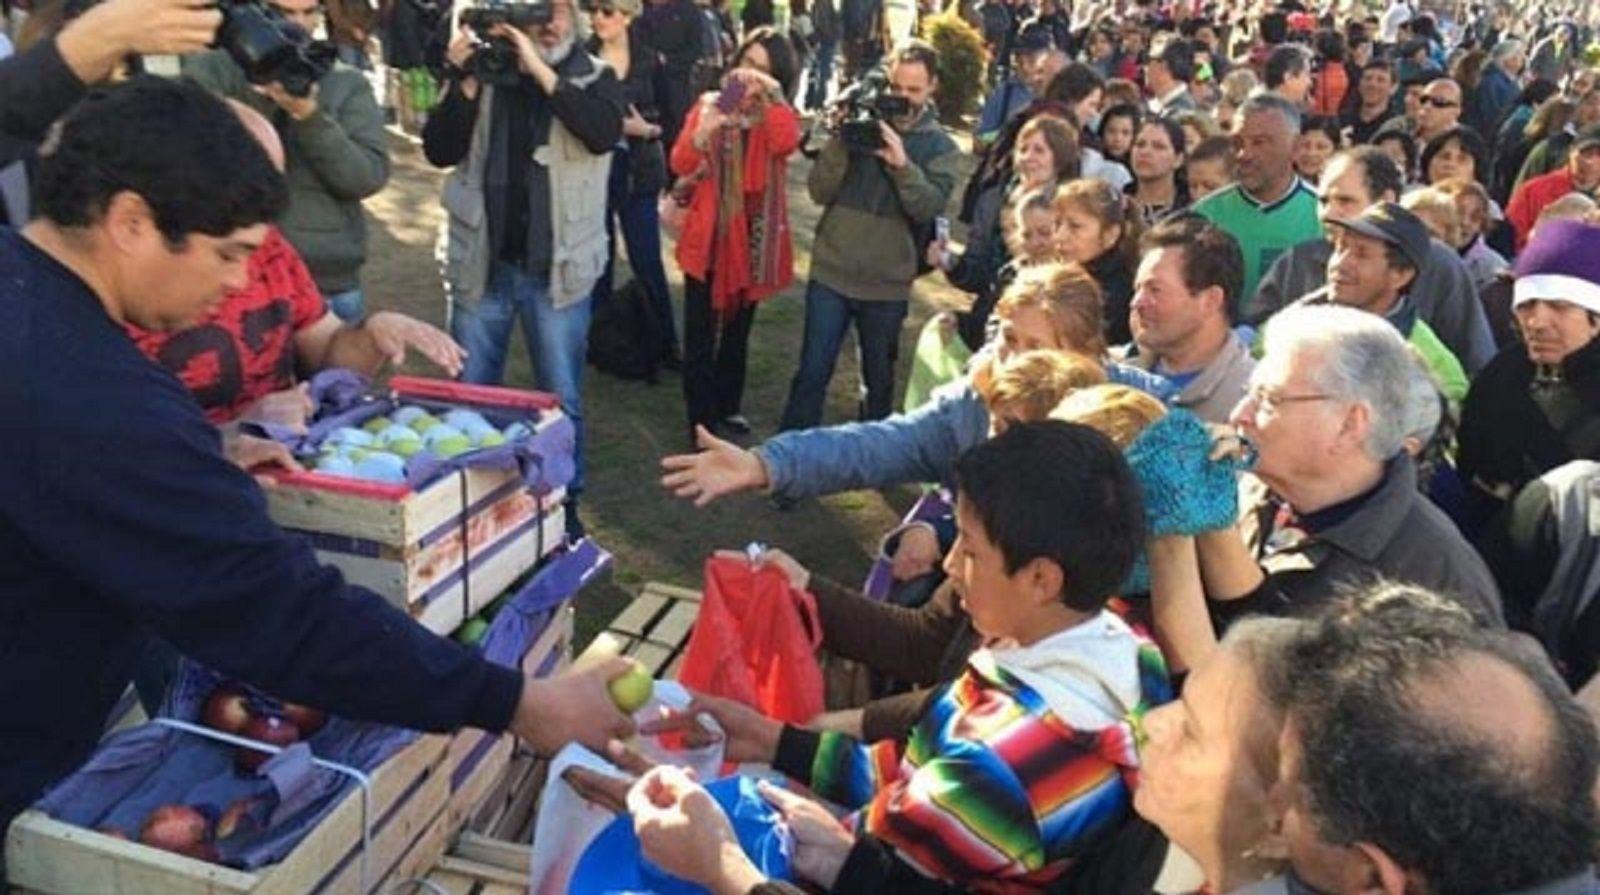 Nuevo verdurazo en Plaza de Mayo: regalarán 20 mil kilos de verdura